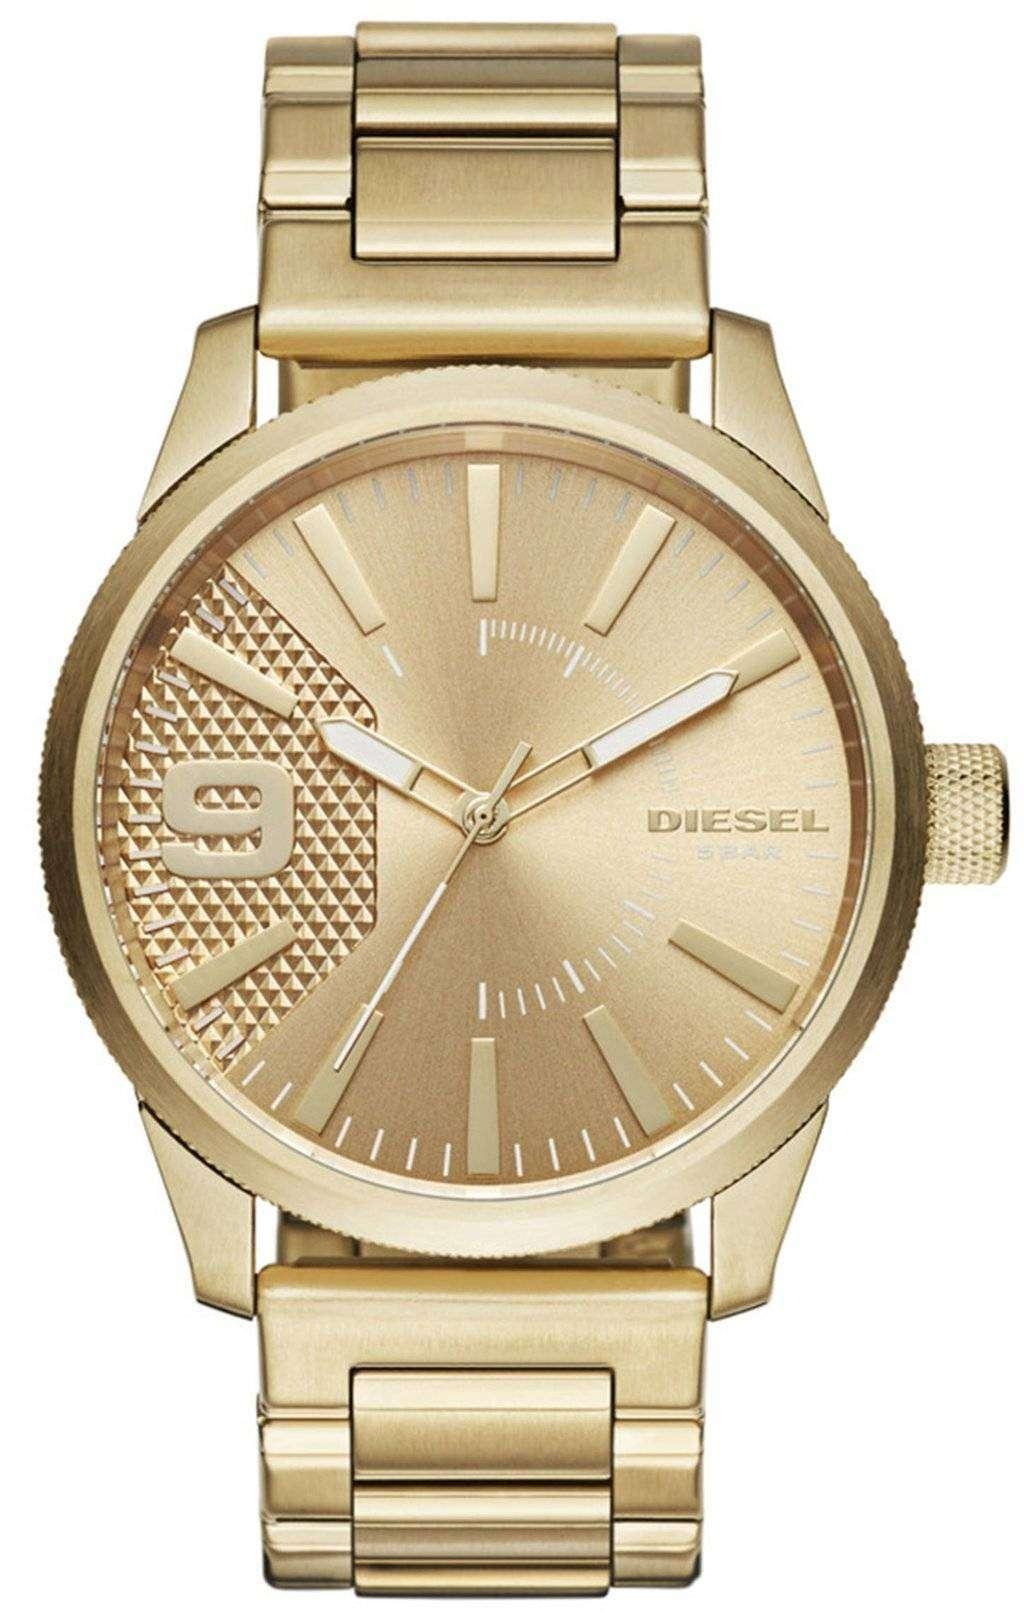 ディーゼルの時間枠の石目やすり石英 DZ1761 メンズ腕時計